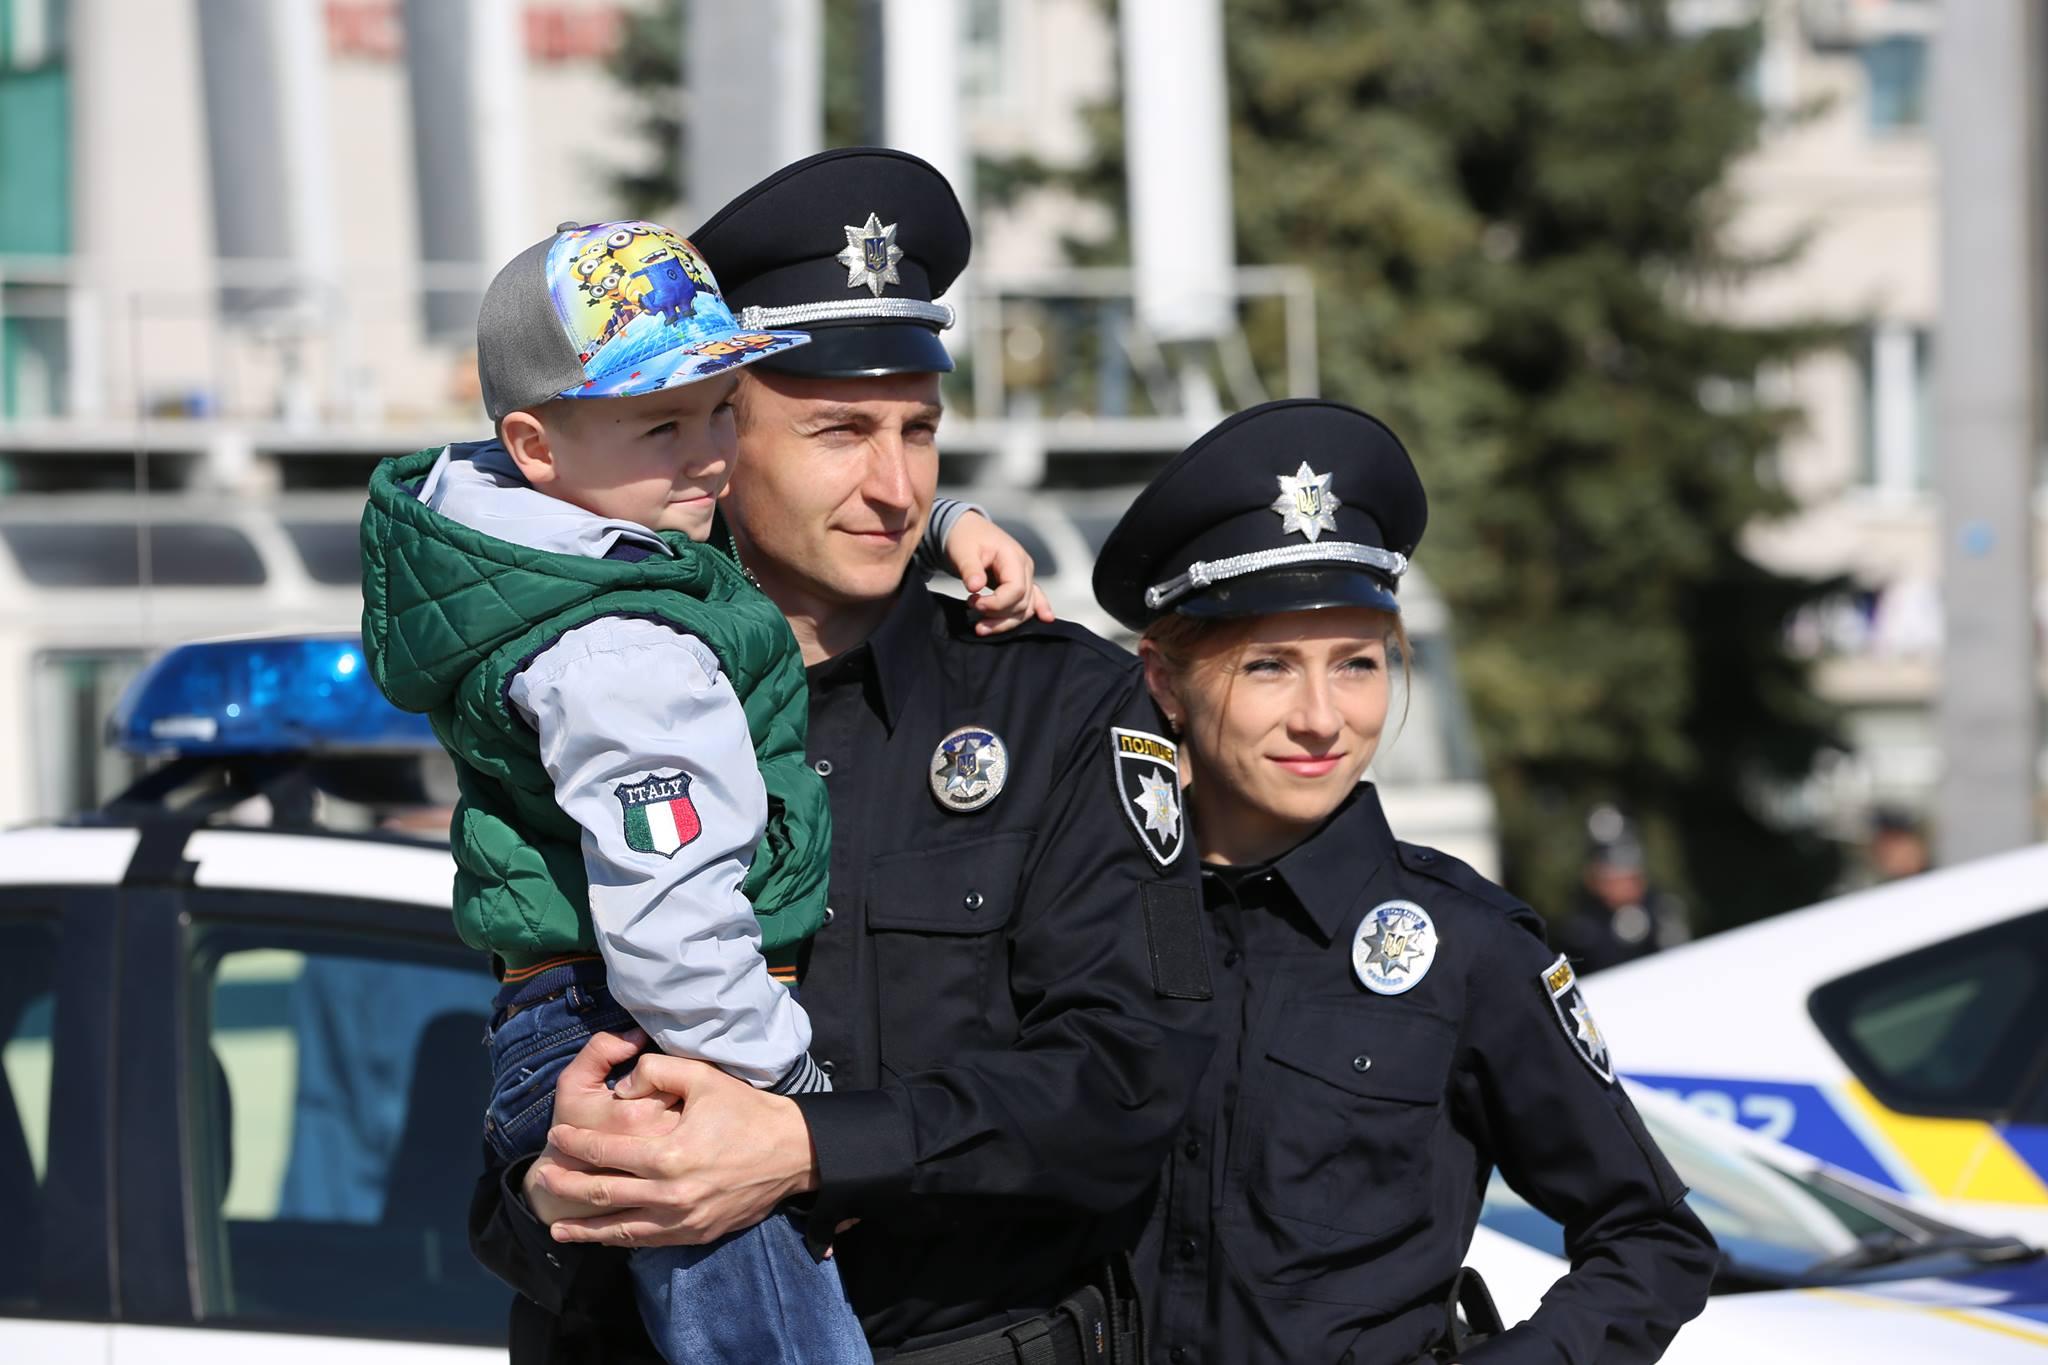 Льготы сотрудникам полиции в 2019 году